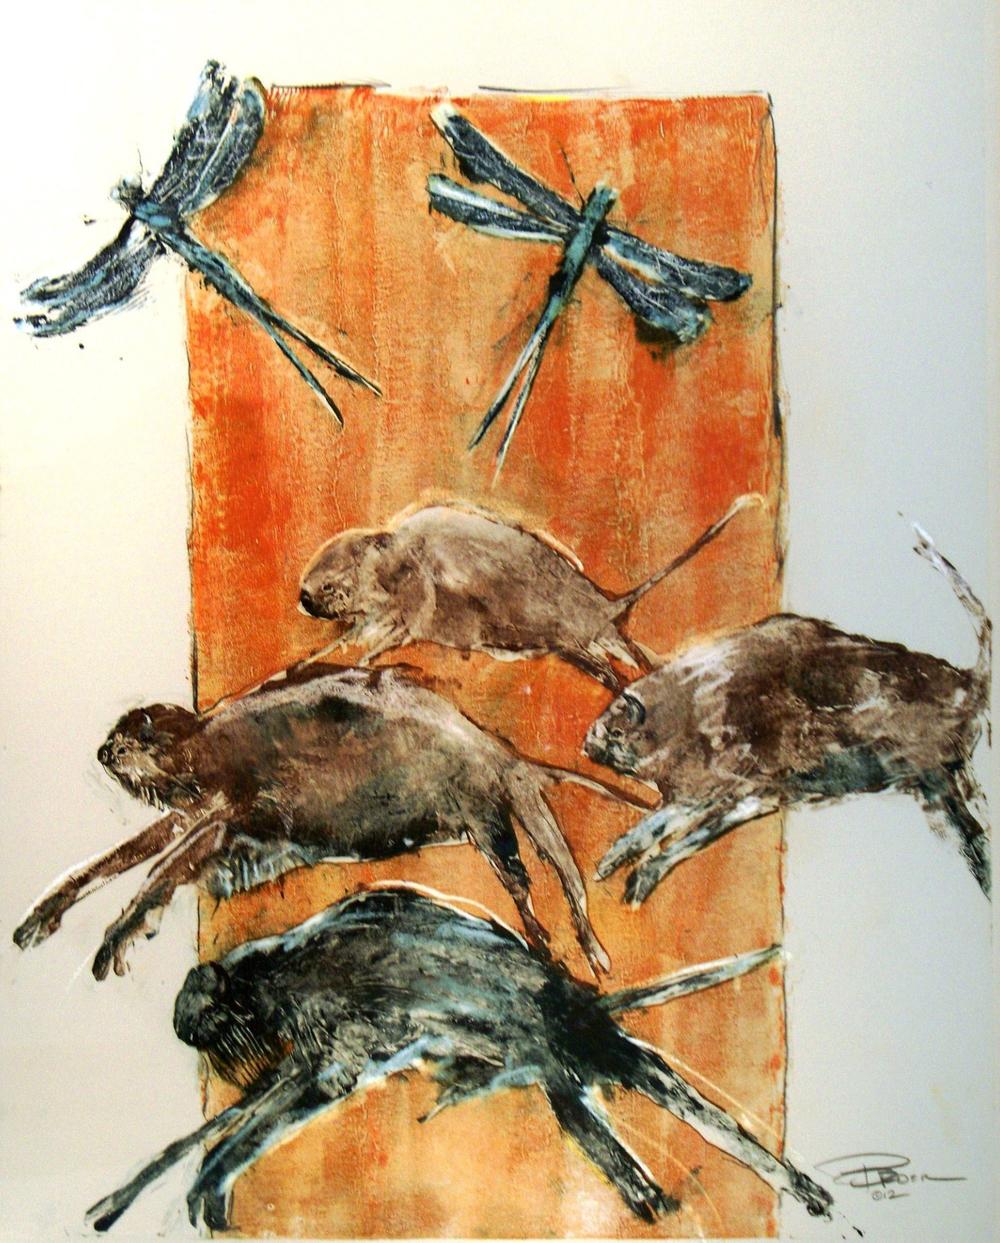 Roger Broer 'August Heat' Monotype 2012